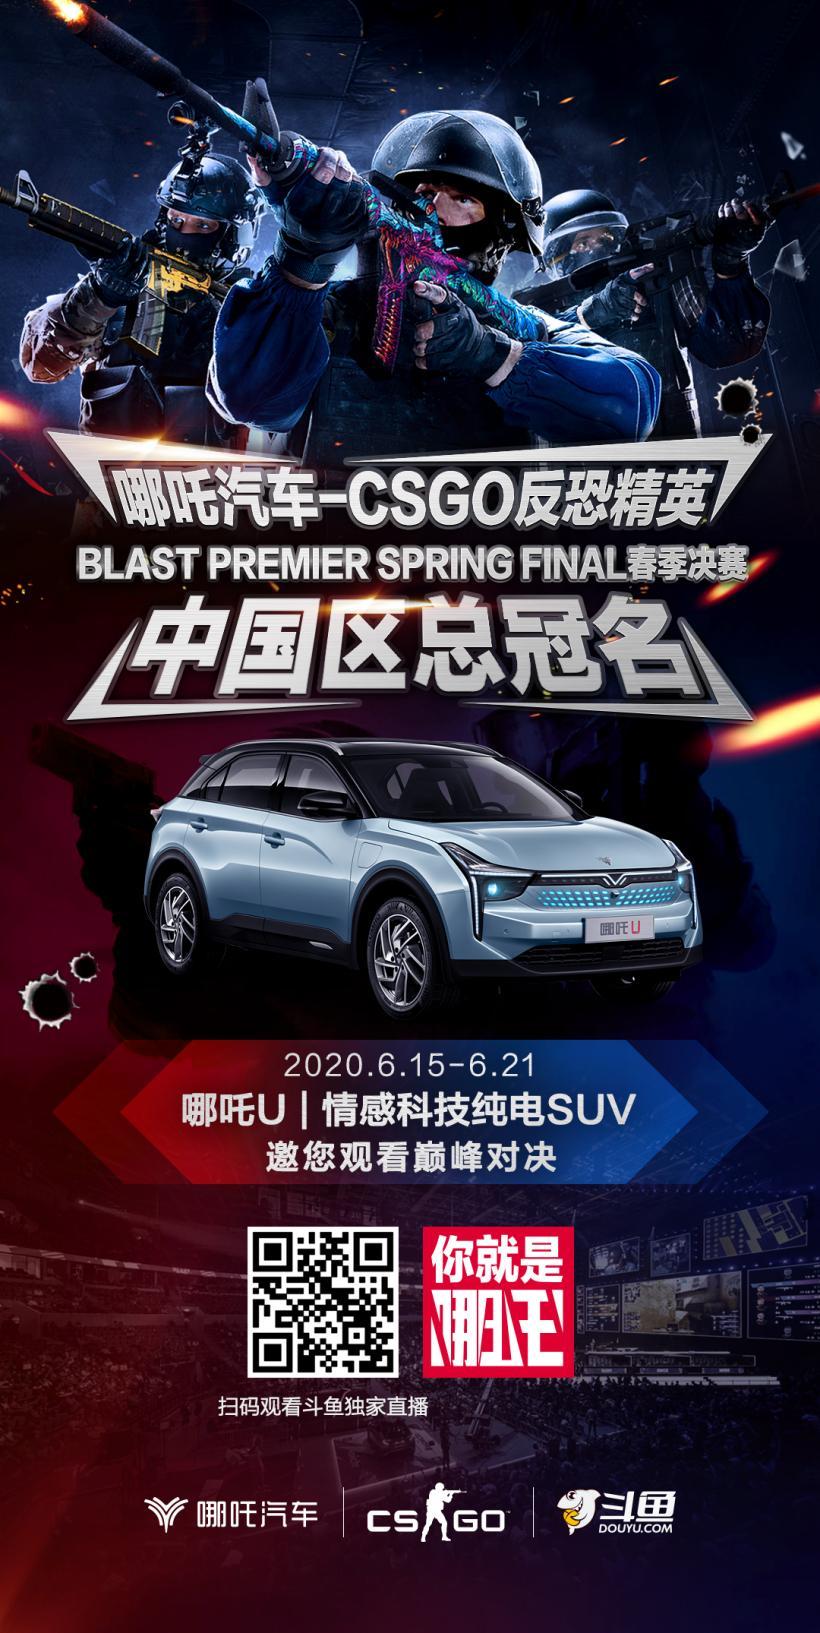 哪吒汽车助力CSGO反恐精英Blast Premier 2020春季决赛举行